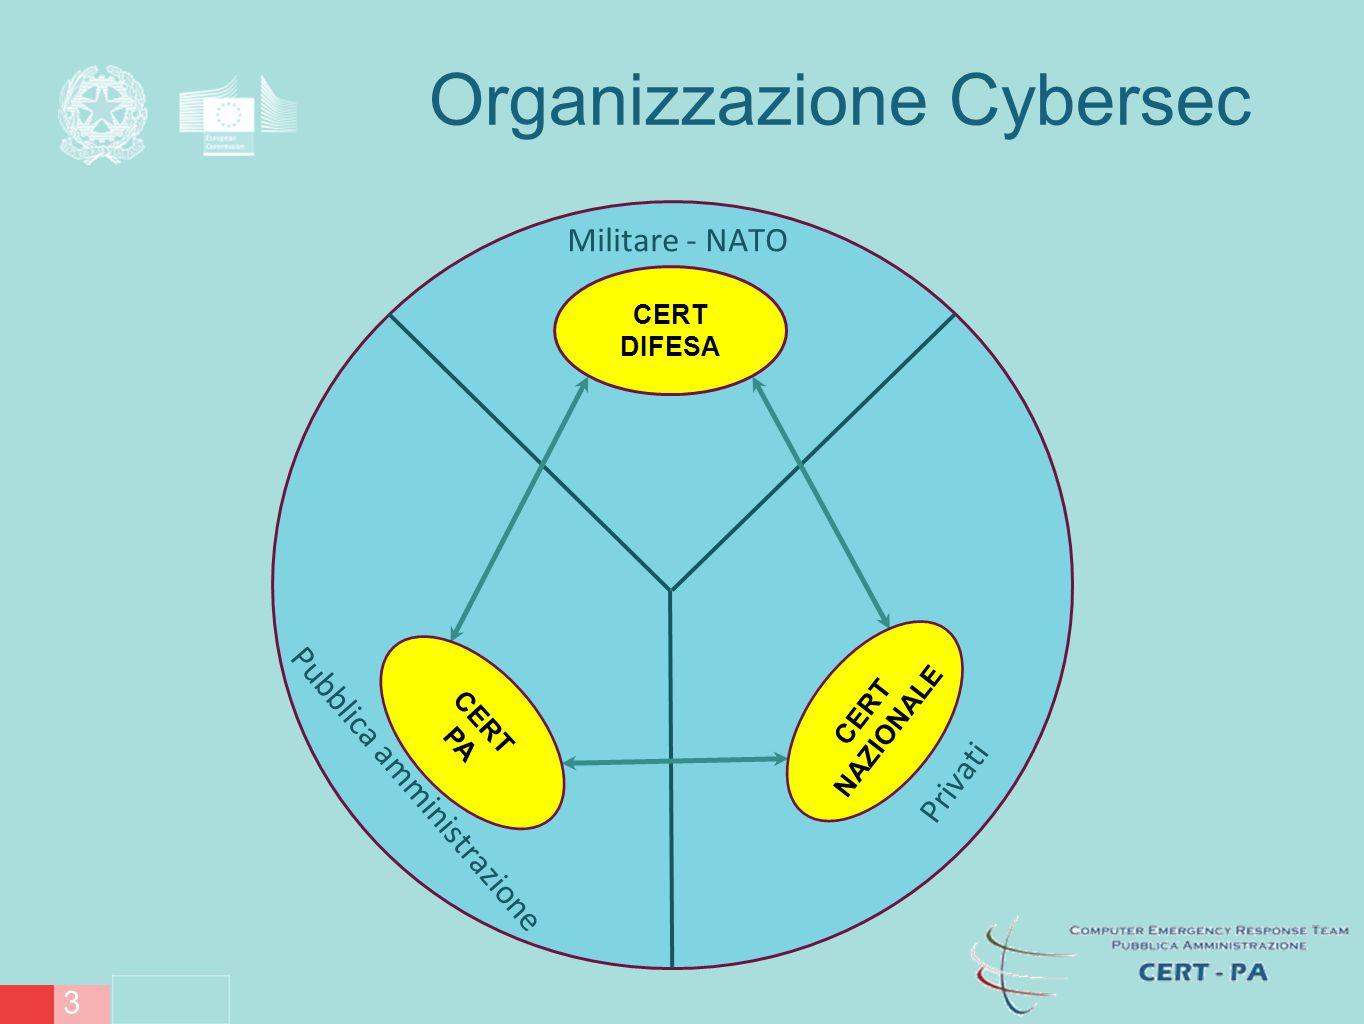 Organizzazione Cybersec